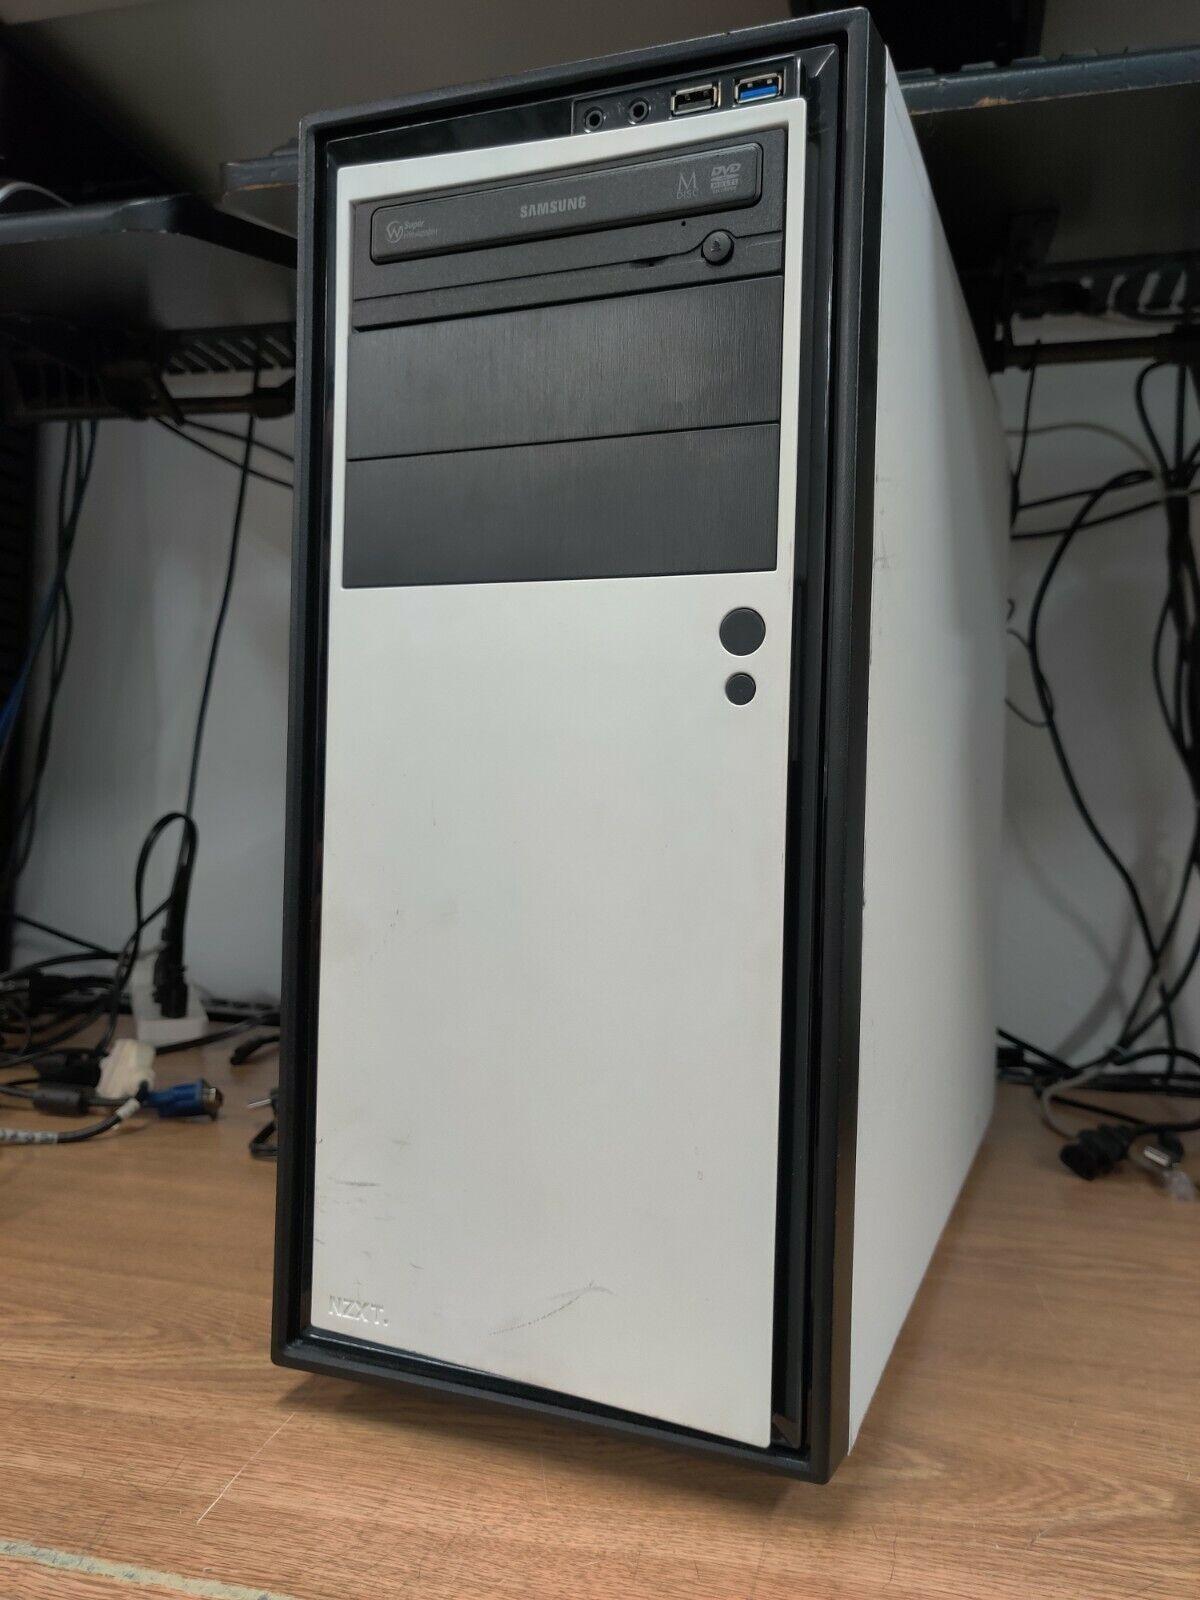 White MSi Gaming PC Intel i5-4570 3.2GHz 16GB RAM 120GB SSD 2TB HDD NO GPU j